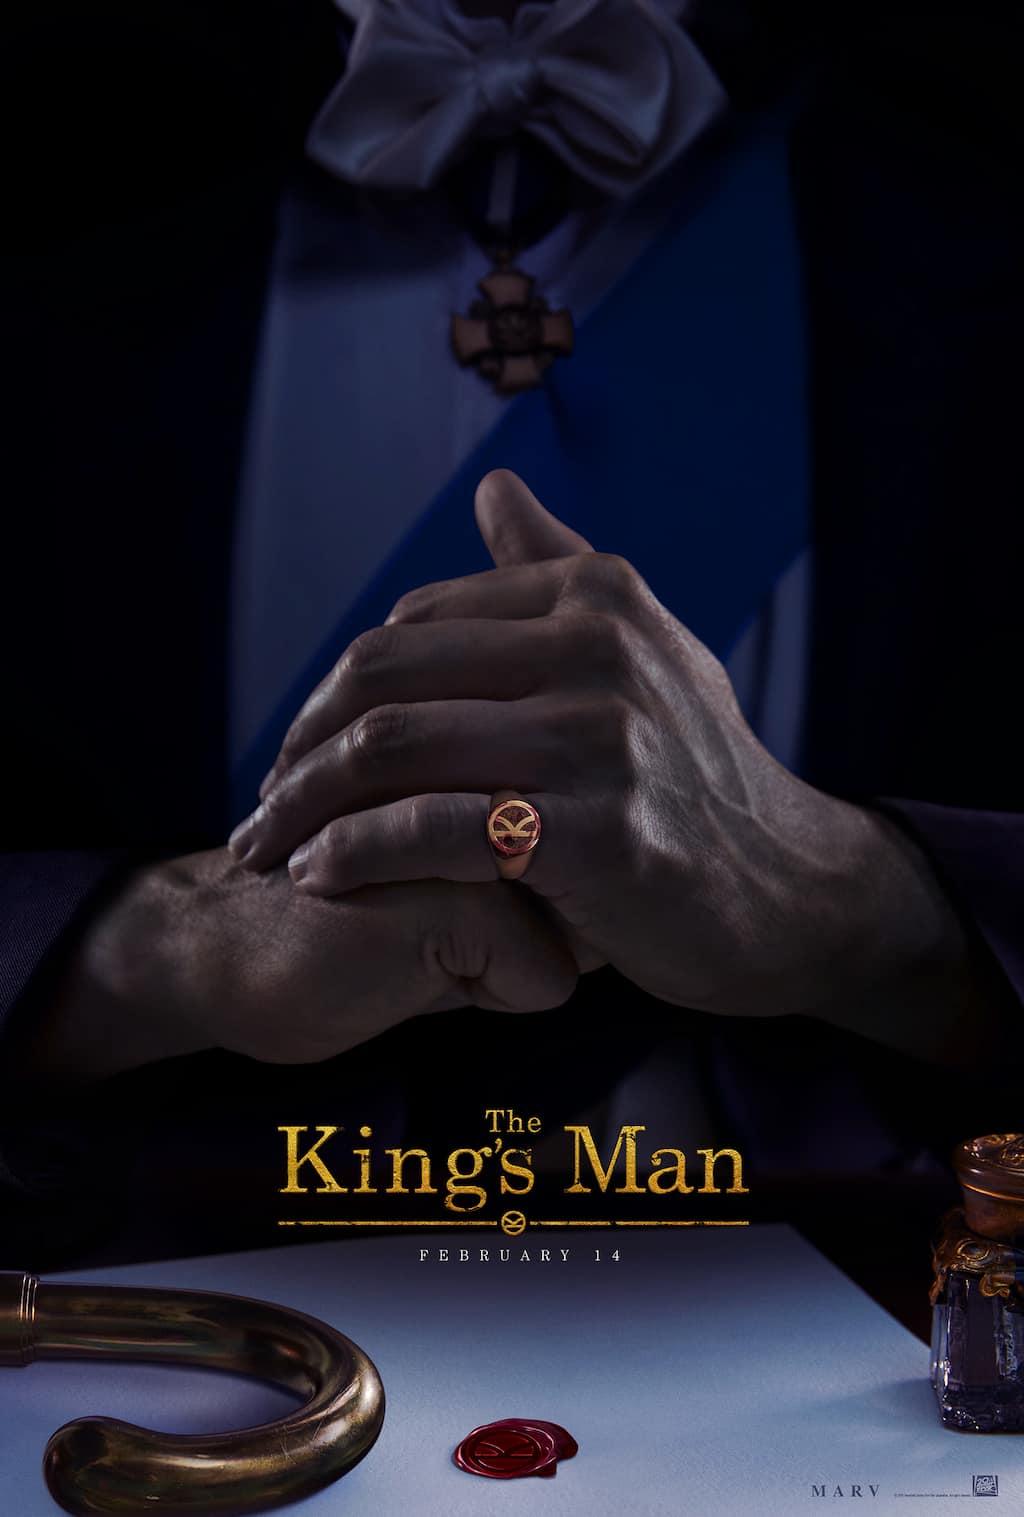 king's man trailer